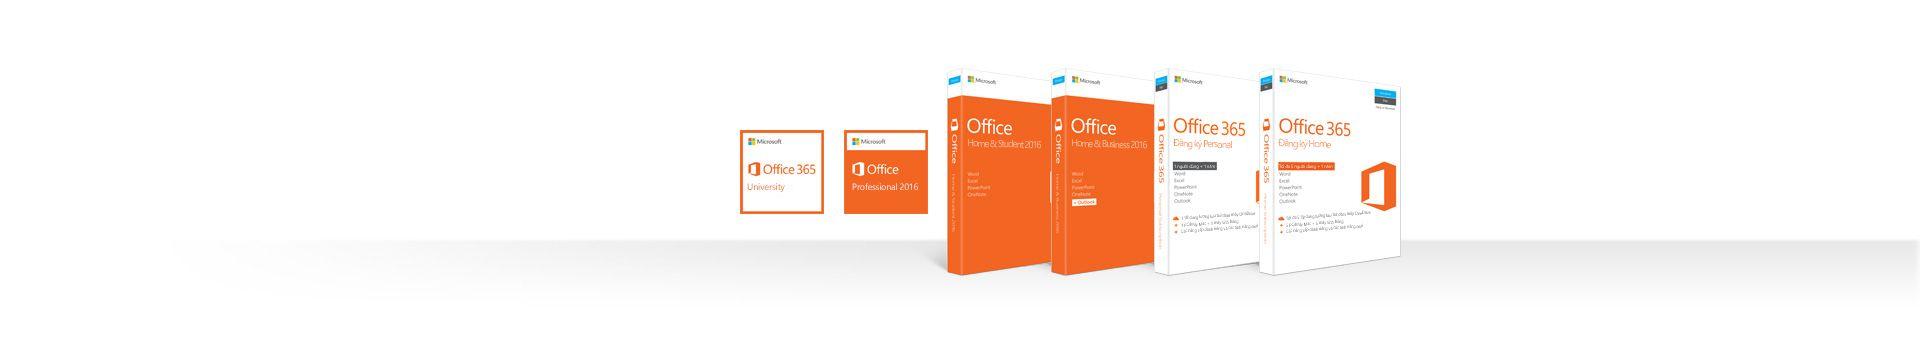 Một hàng hộp thể hiện đăng ký Office và các sản phẩm độc lập cho PC